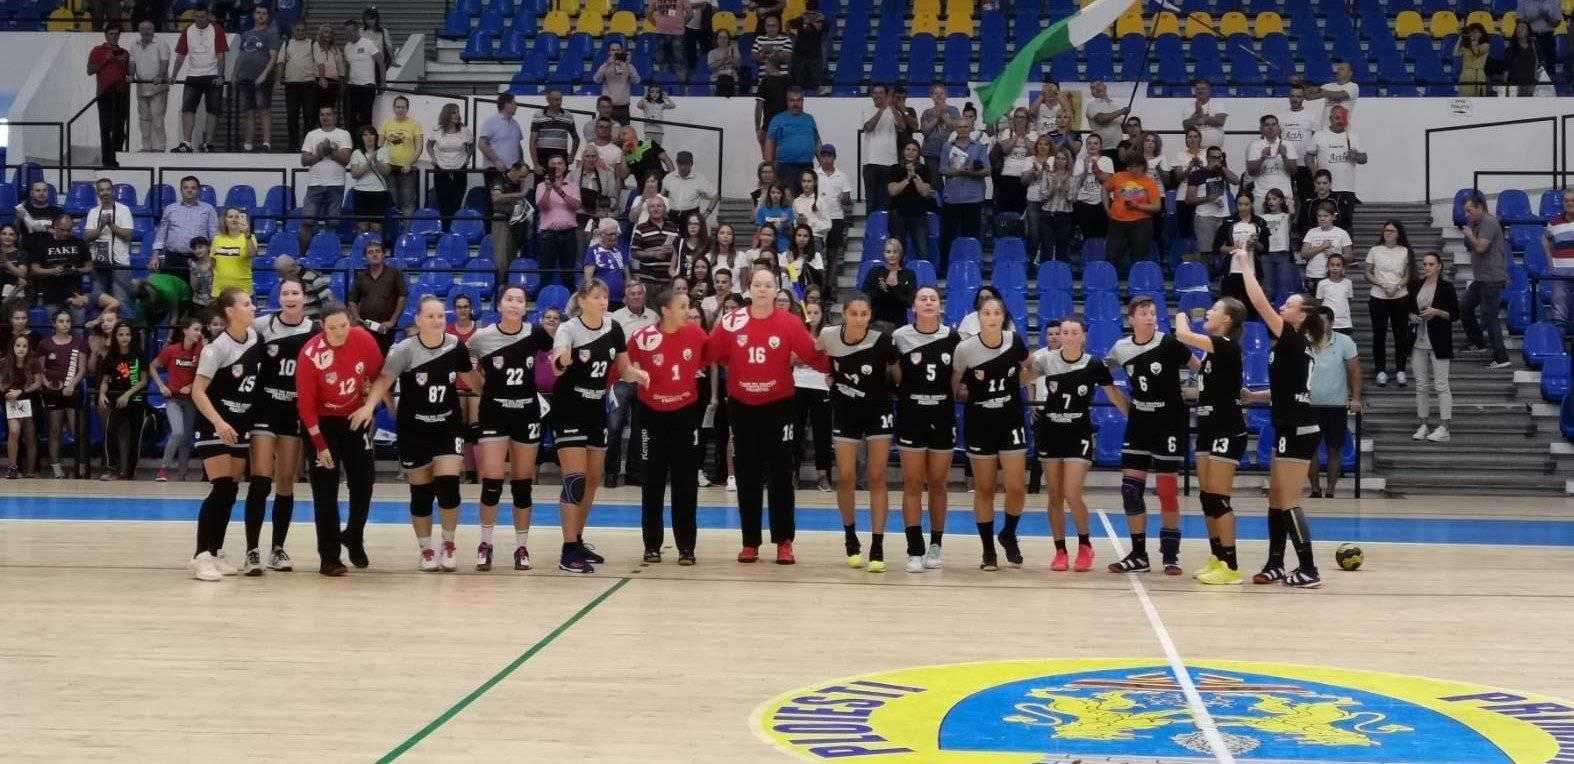 Echipa de handbal feminin a Consiliului Județean Prahova a debutat cu o victorie la scor, în noul campionat al Diviziei A